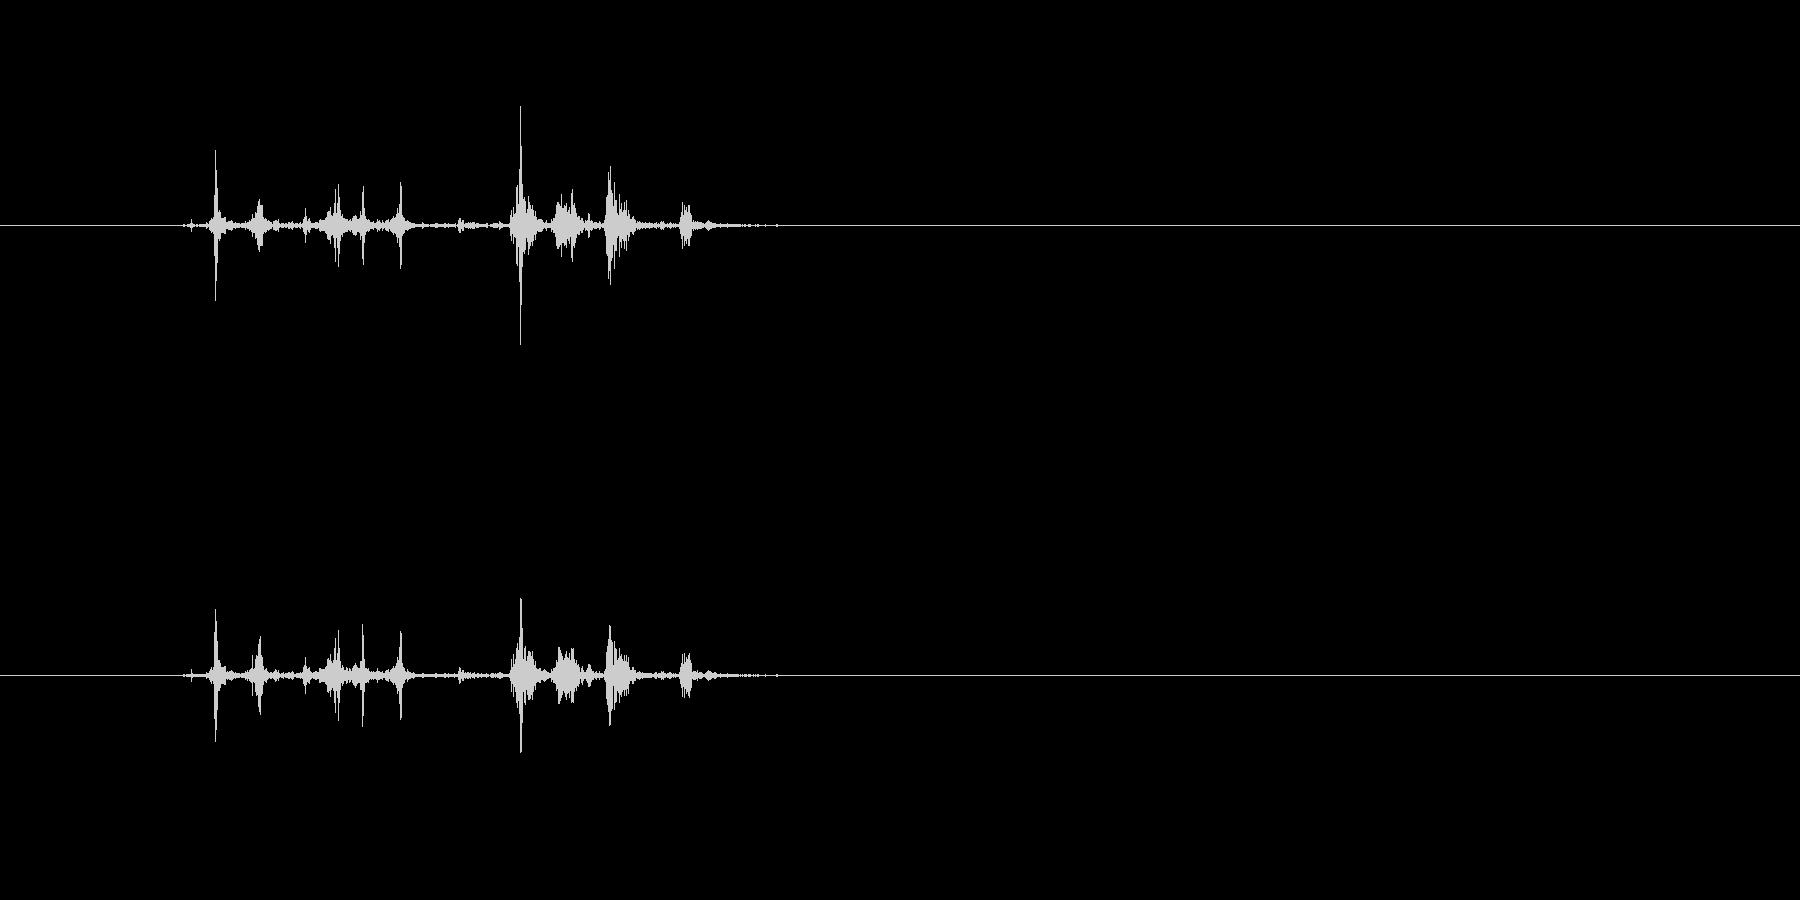 パラララ (本を開いたりページ送り音2)の未再生の波形